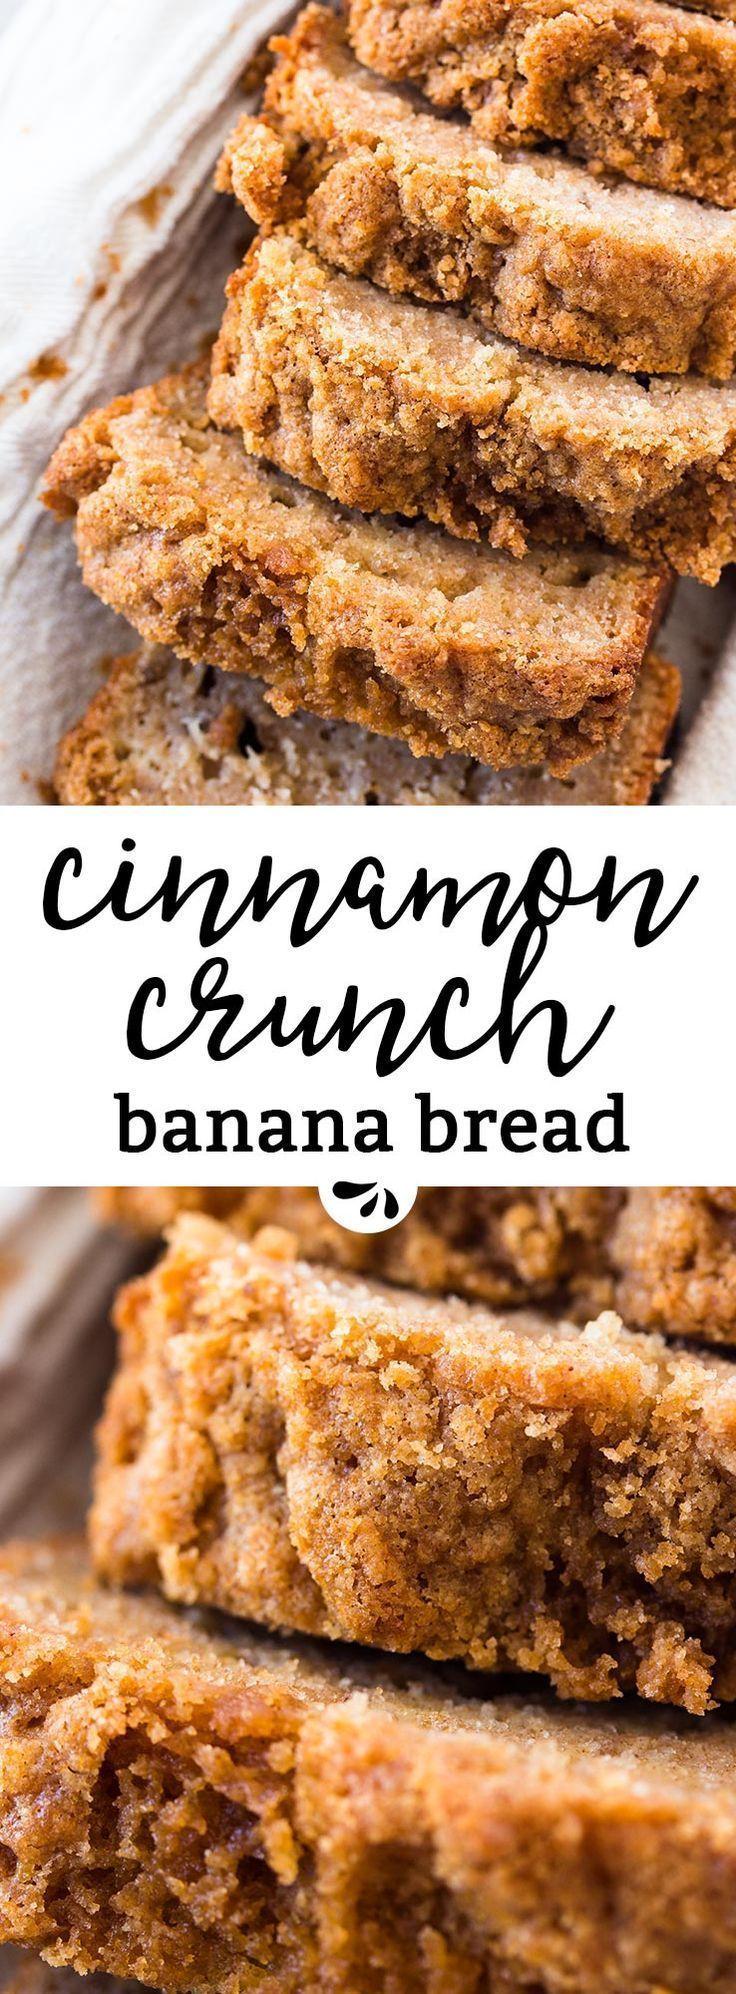 Whole Wheat Cinnamon Crunch Banana Bread Recipe Th…